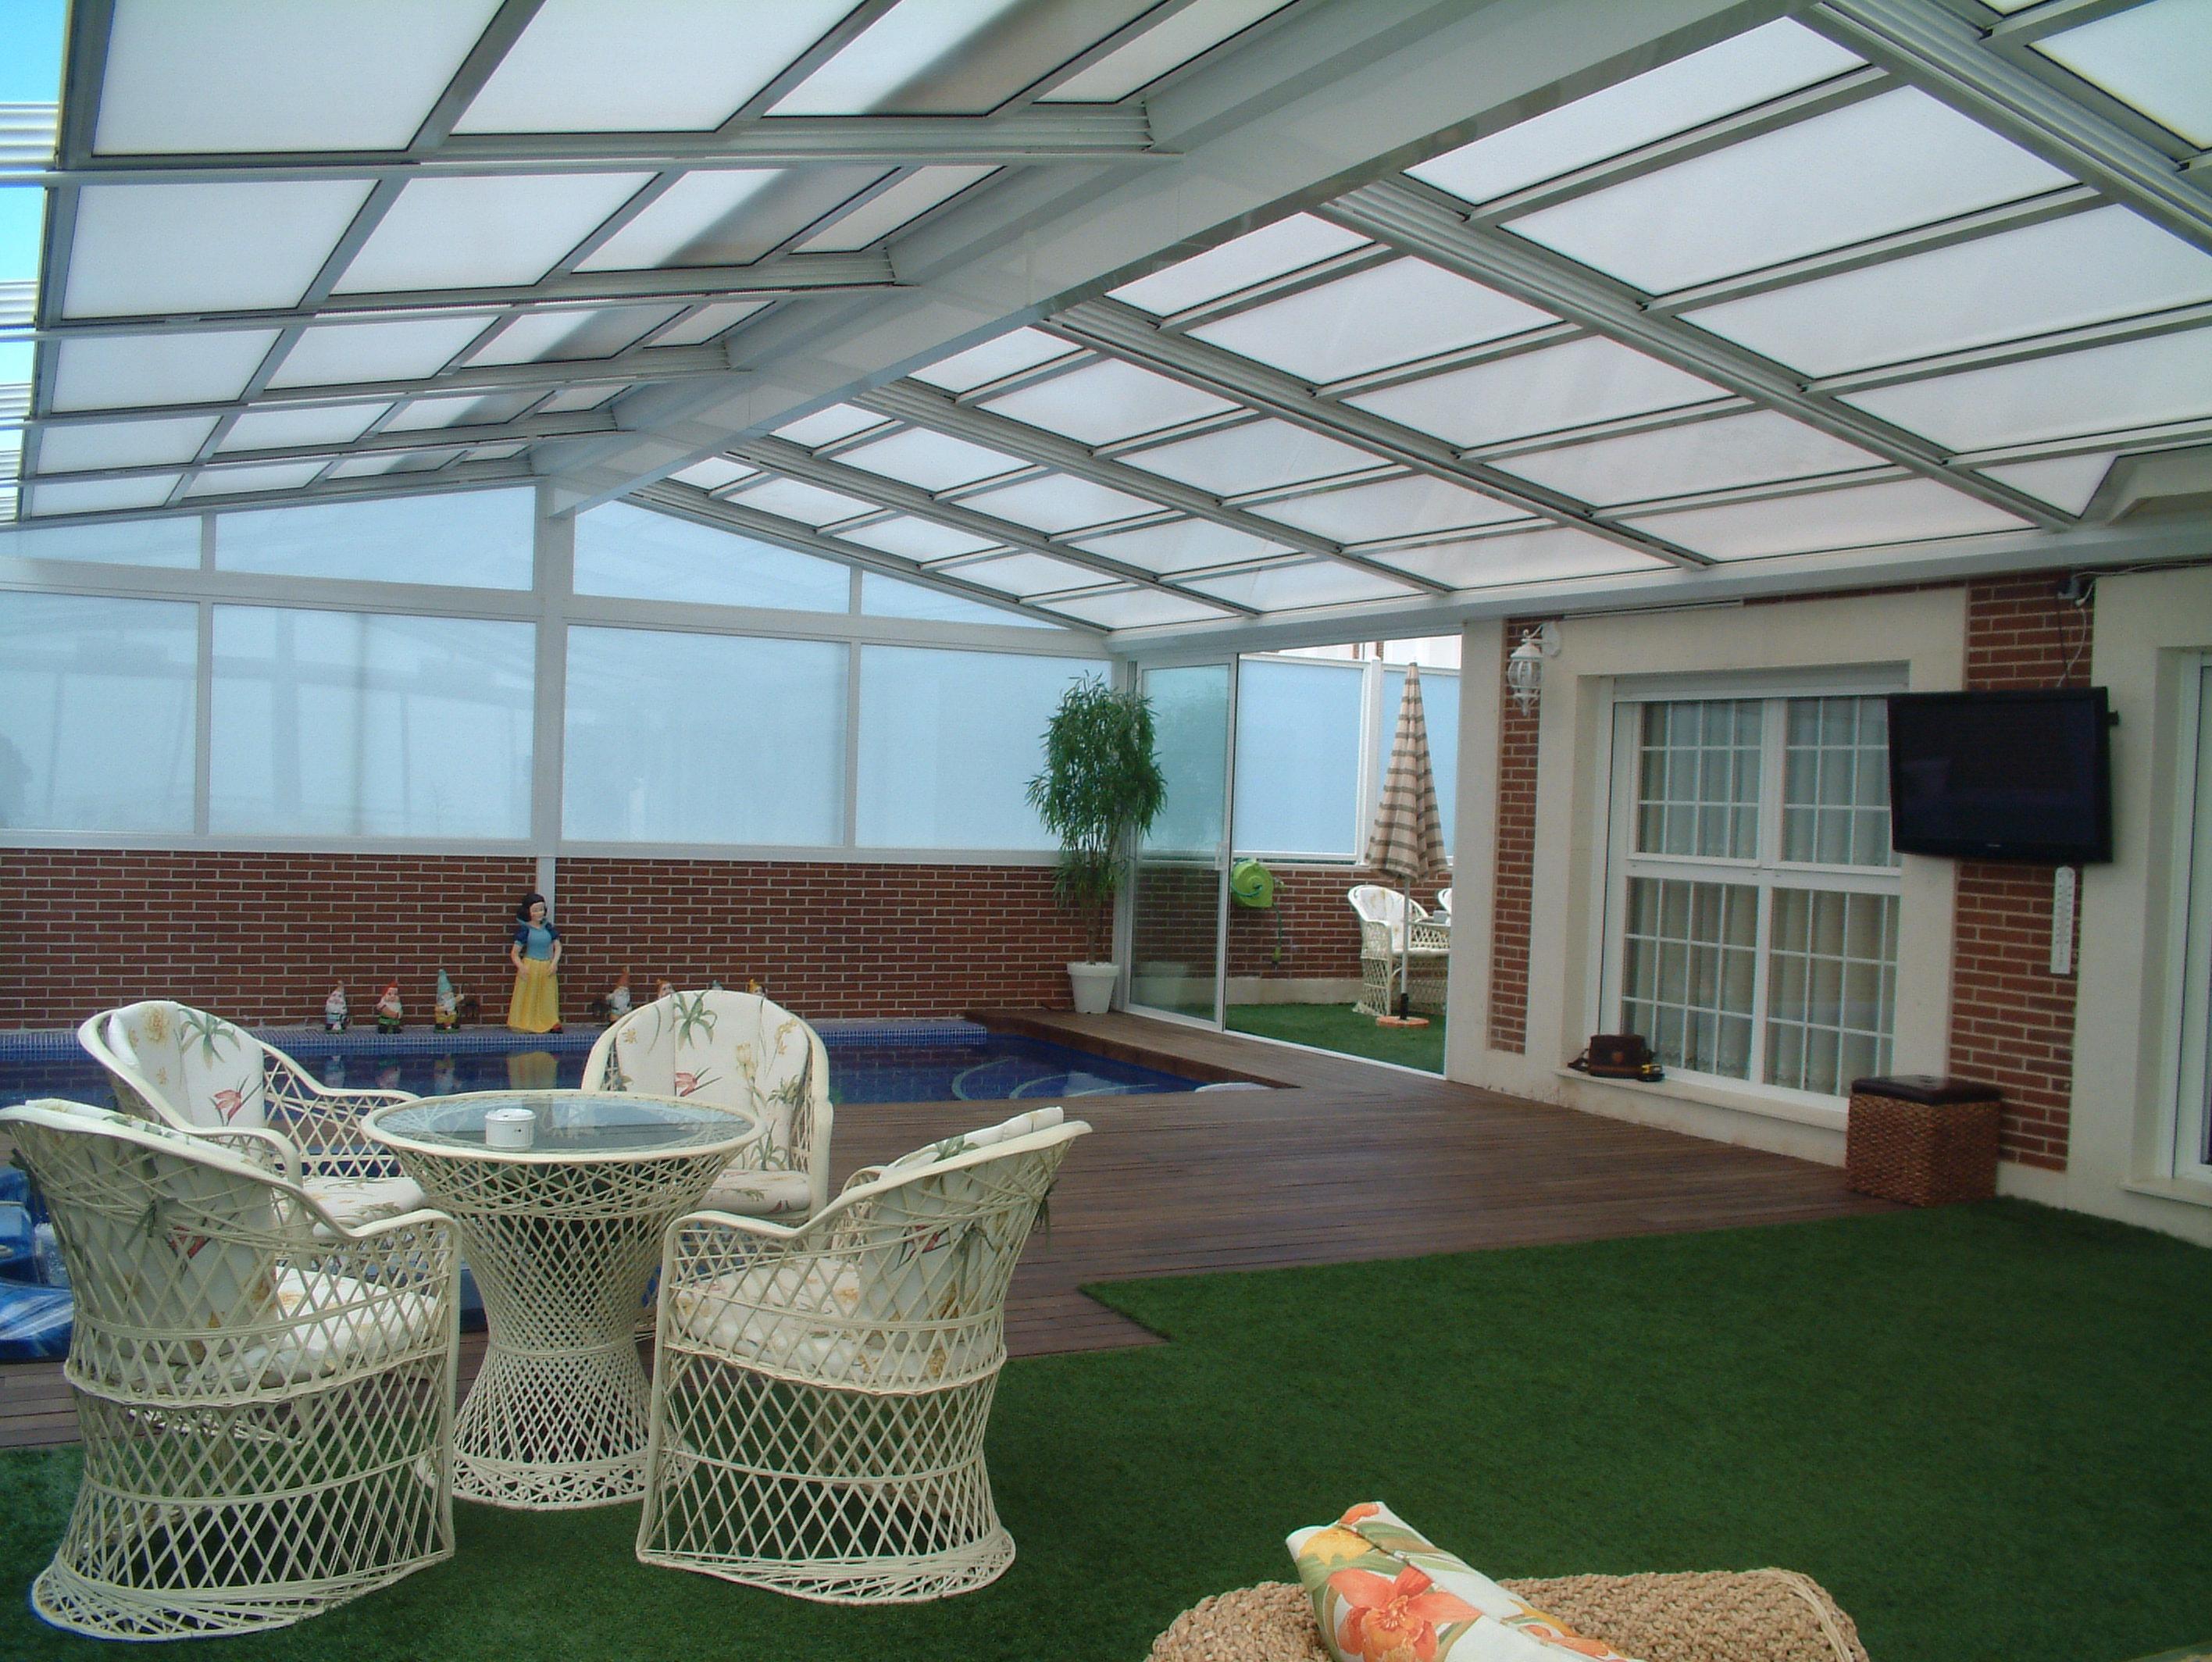 Fraimar aluminios s l techos cortinas de cristal y for Techos de tejas para patios exteriores